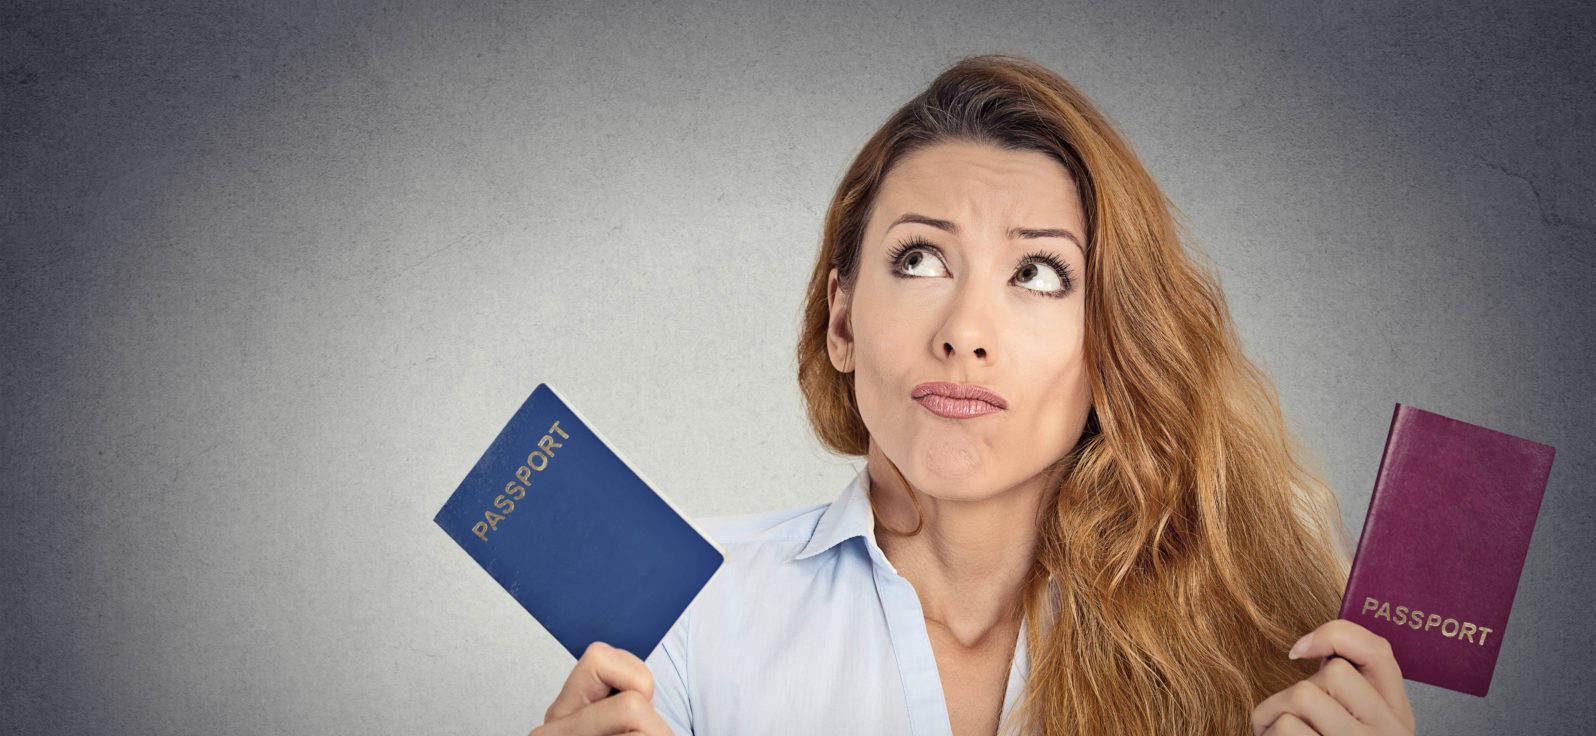 Второе гражданство для россиянина: как и где получить?